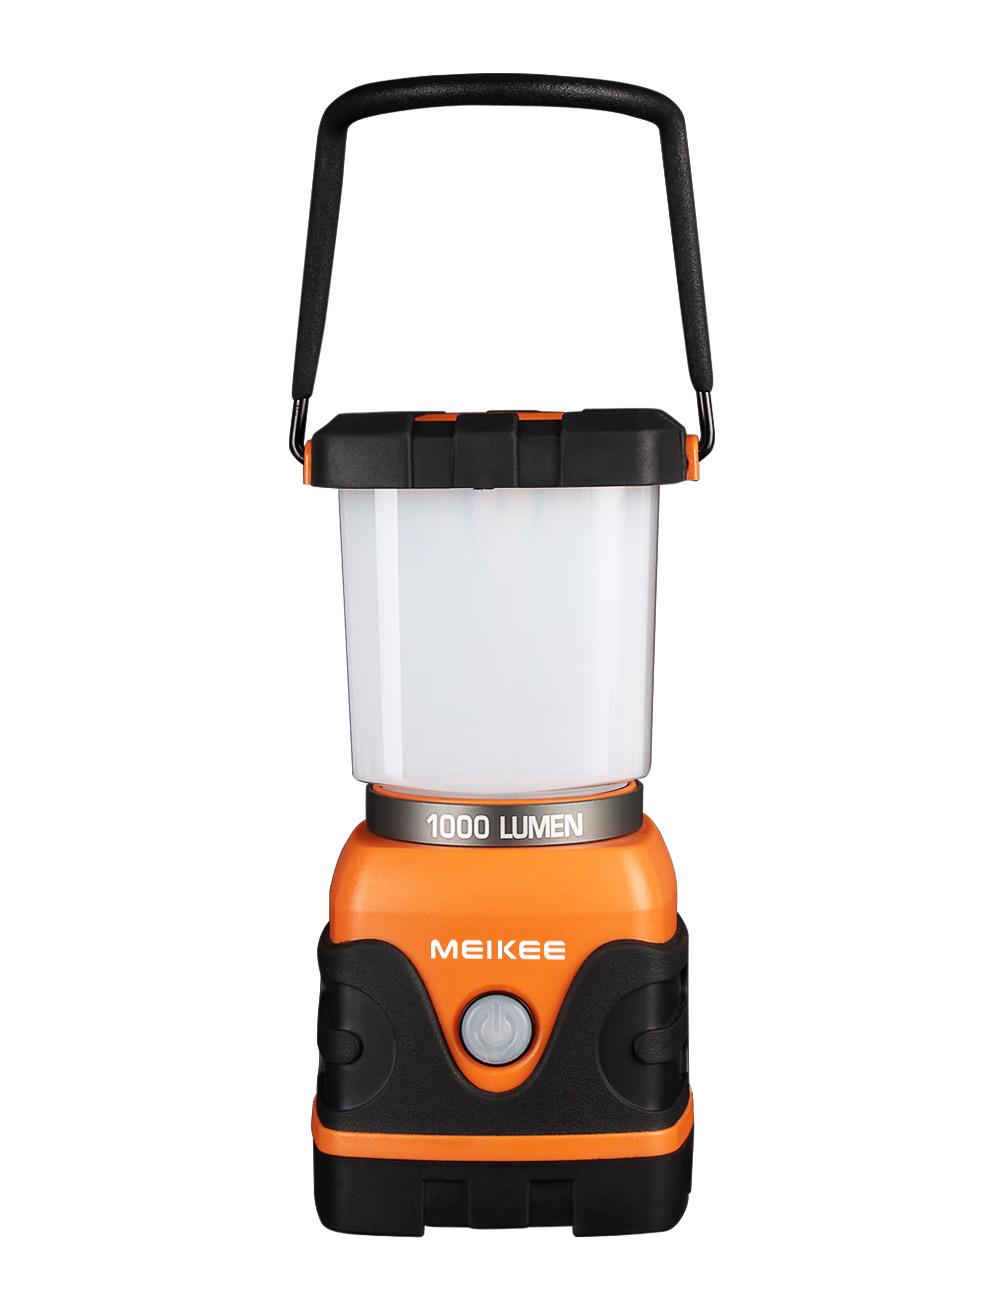 MEIKEE Portable LED Lantern Outdoor